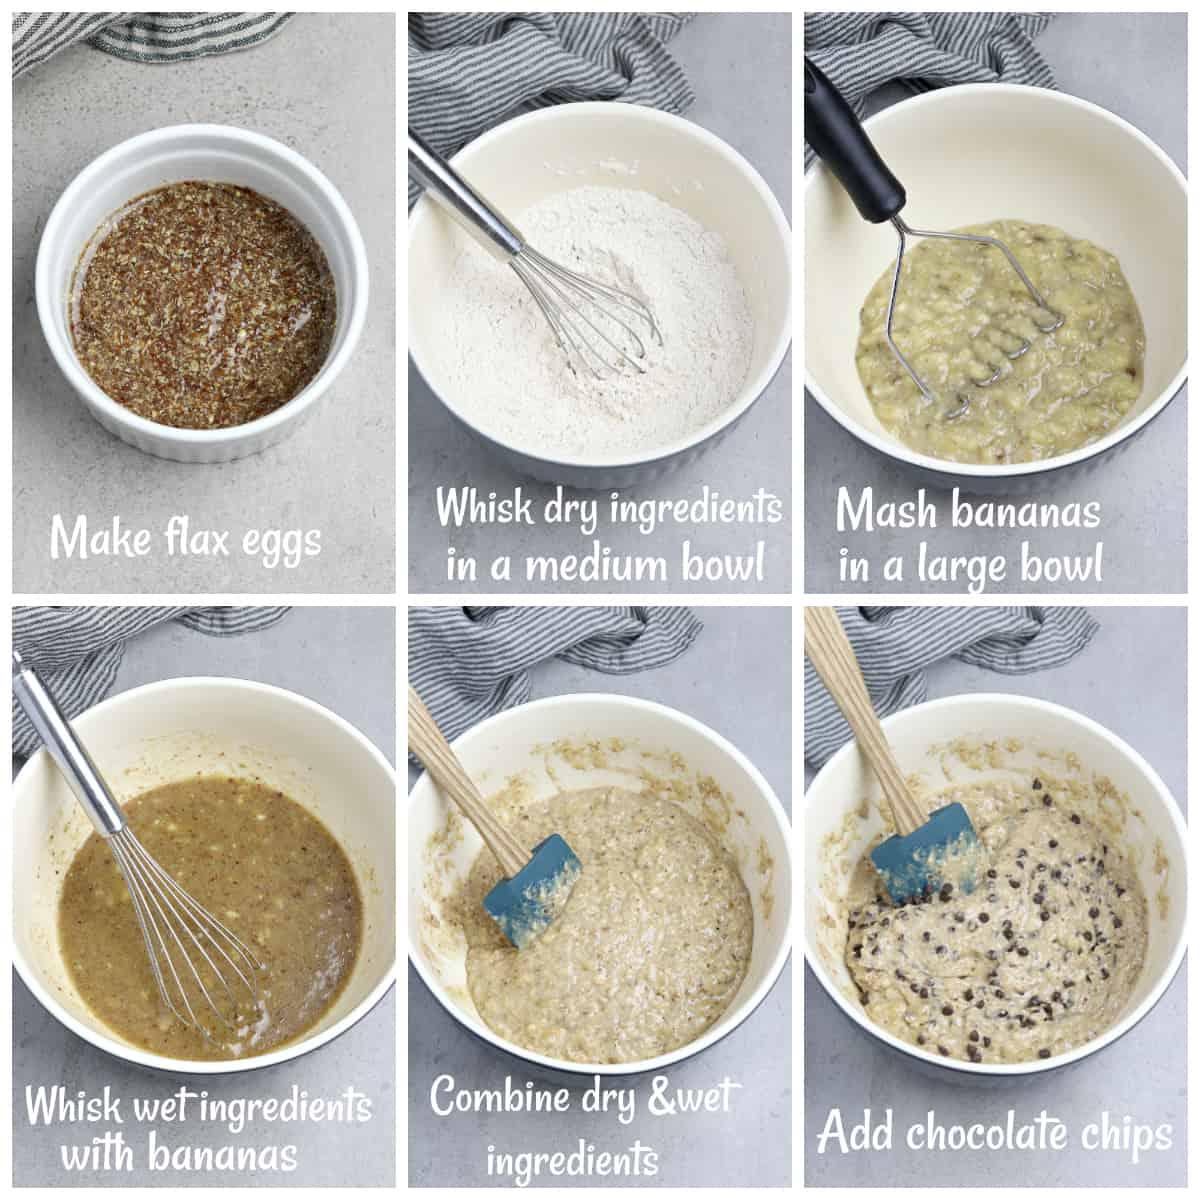 6 process photos of making banana bread batter.